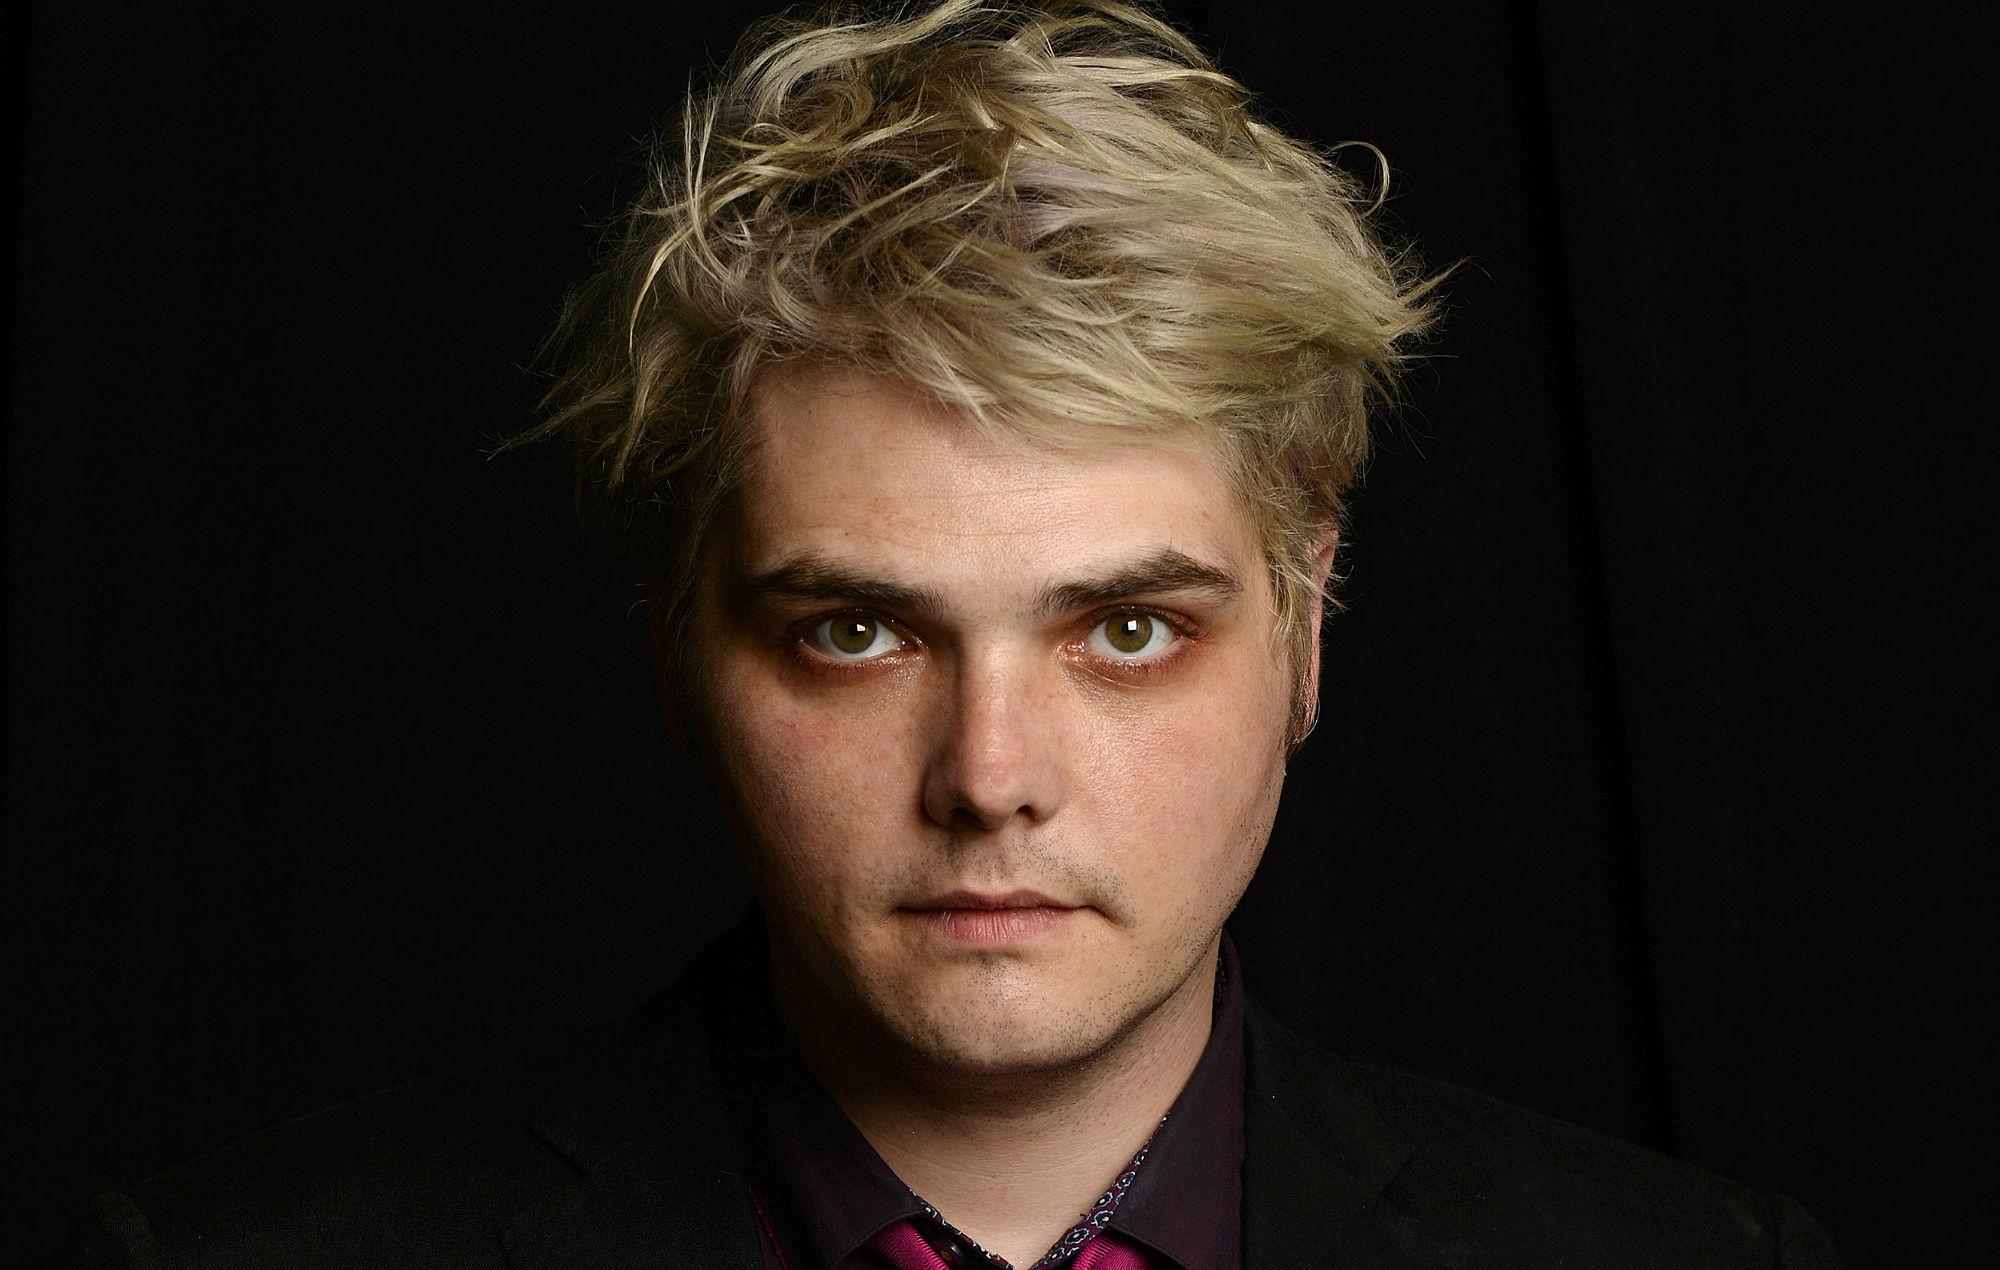 Gerard Way Confirms The Umbrella Academy Season 2 With Short Trailer Nme